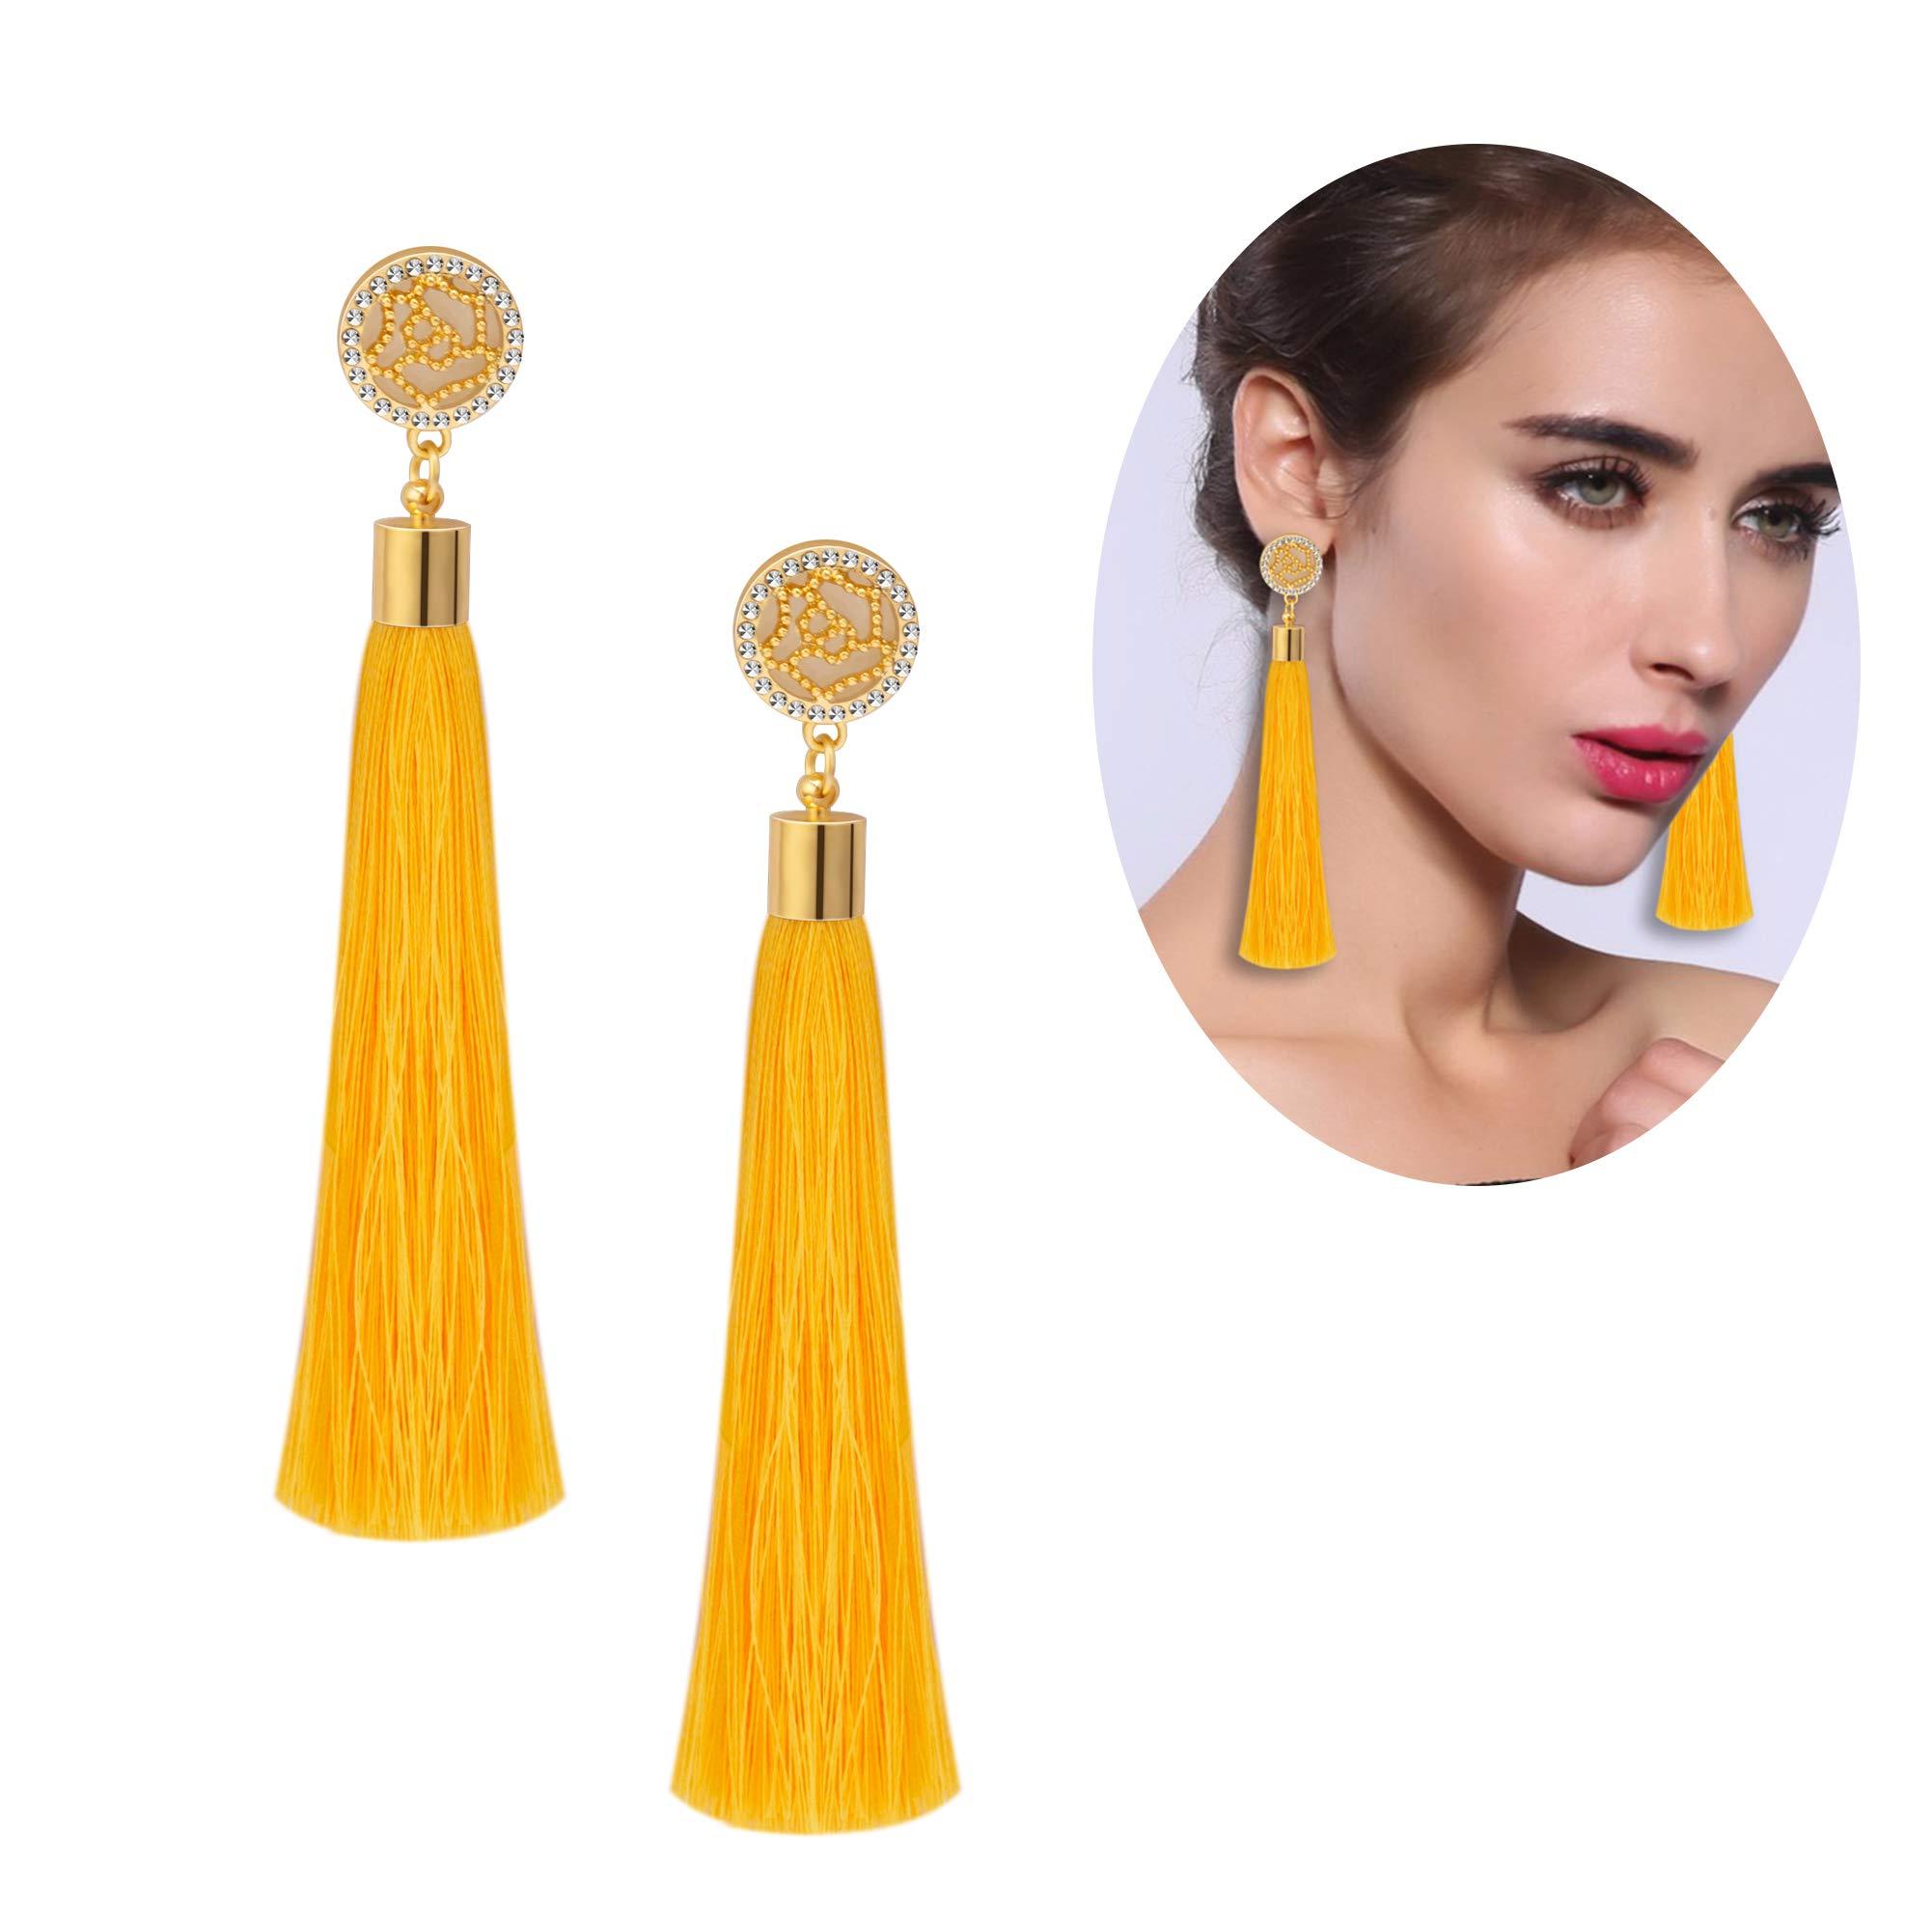 Yellow Tassel Earrings Set Tassel Drop Earrings Druzy Round Top Earring Studs For Women